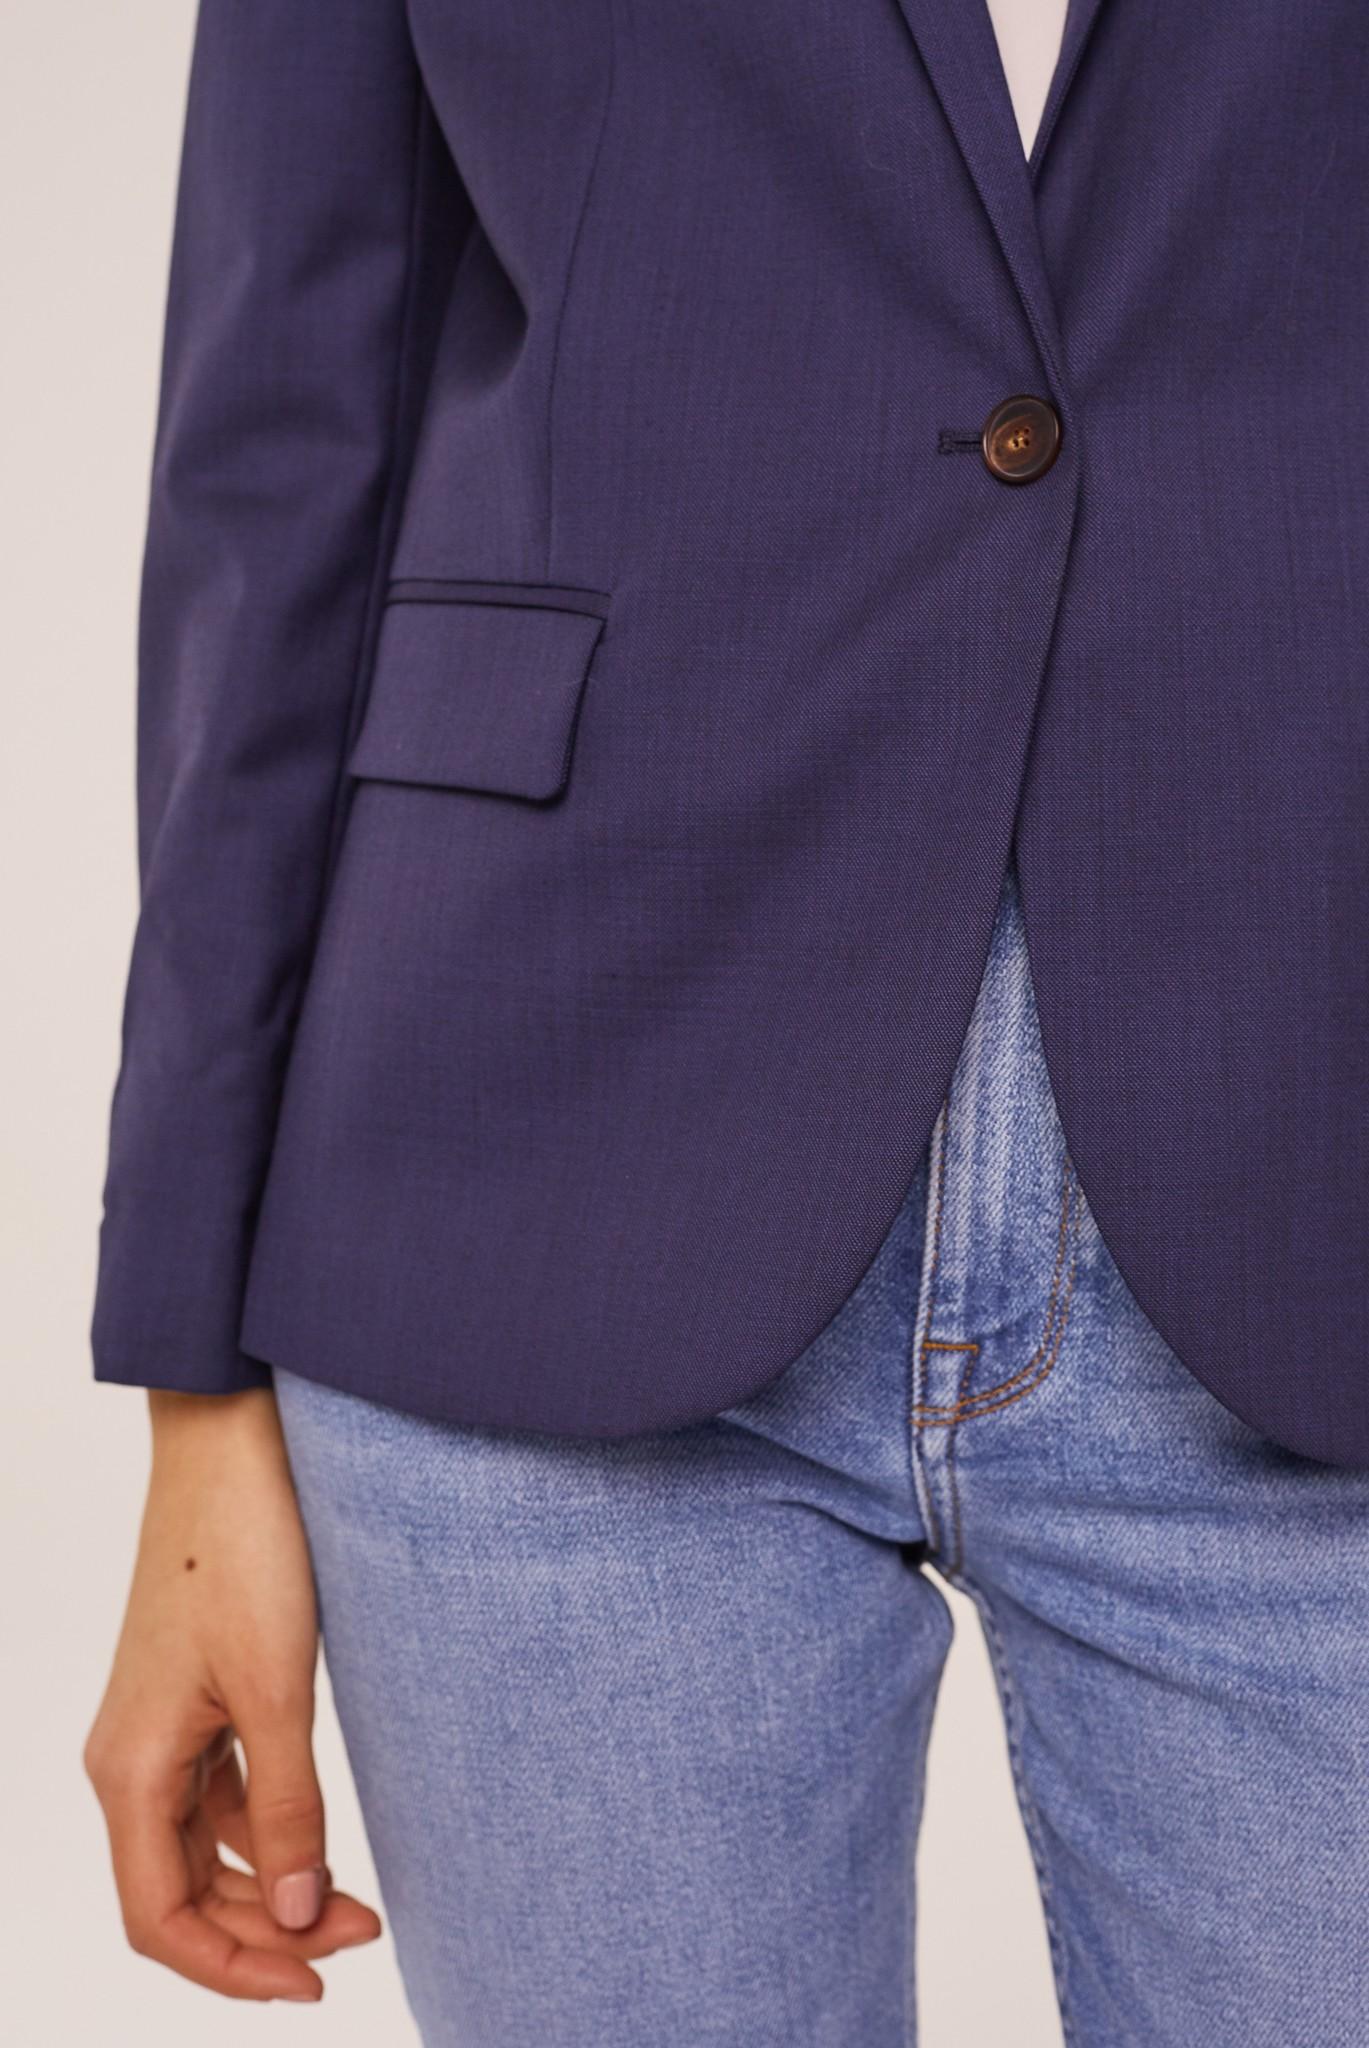 VITALY - Костюмный пиджак из натуральной шерсти